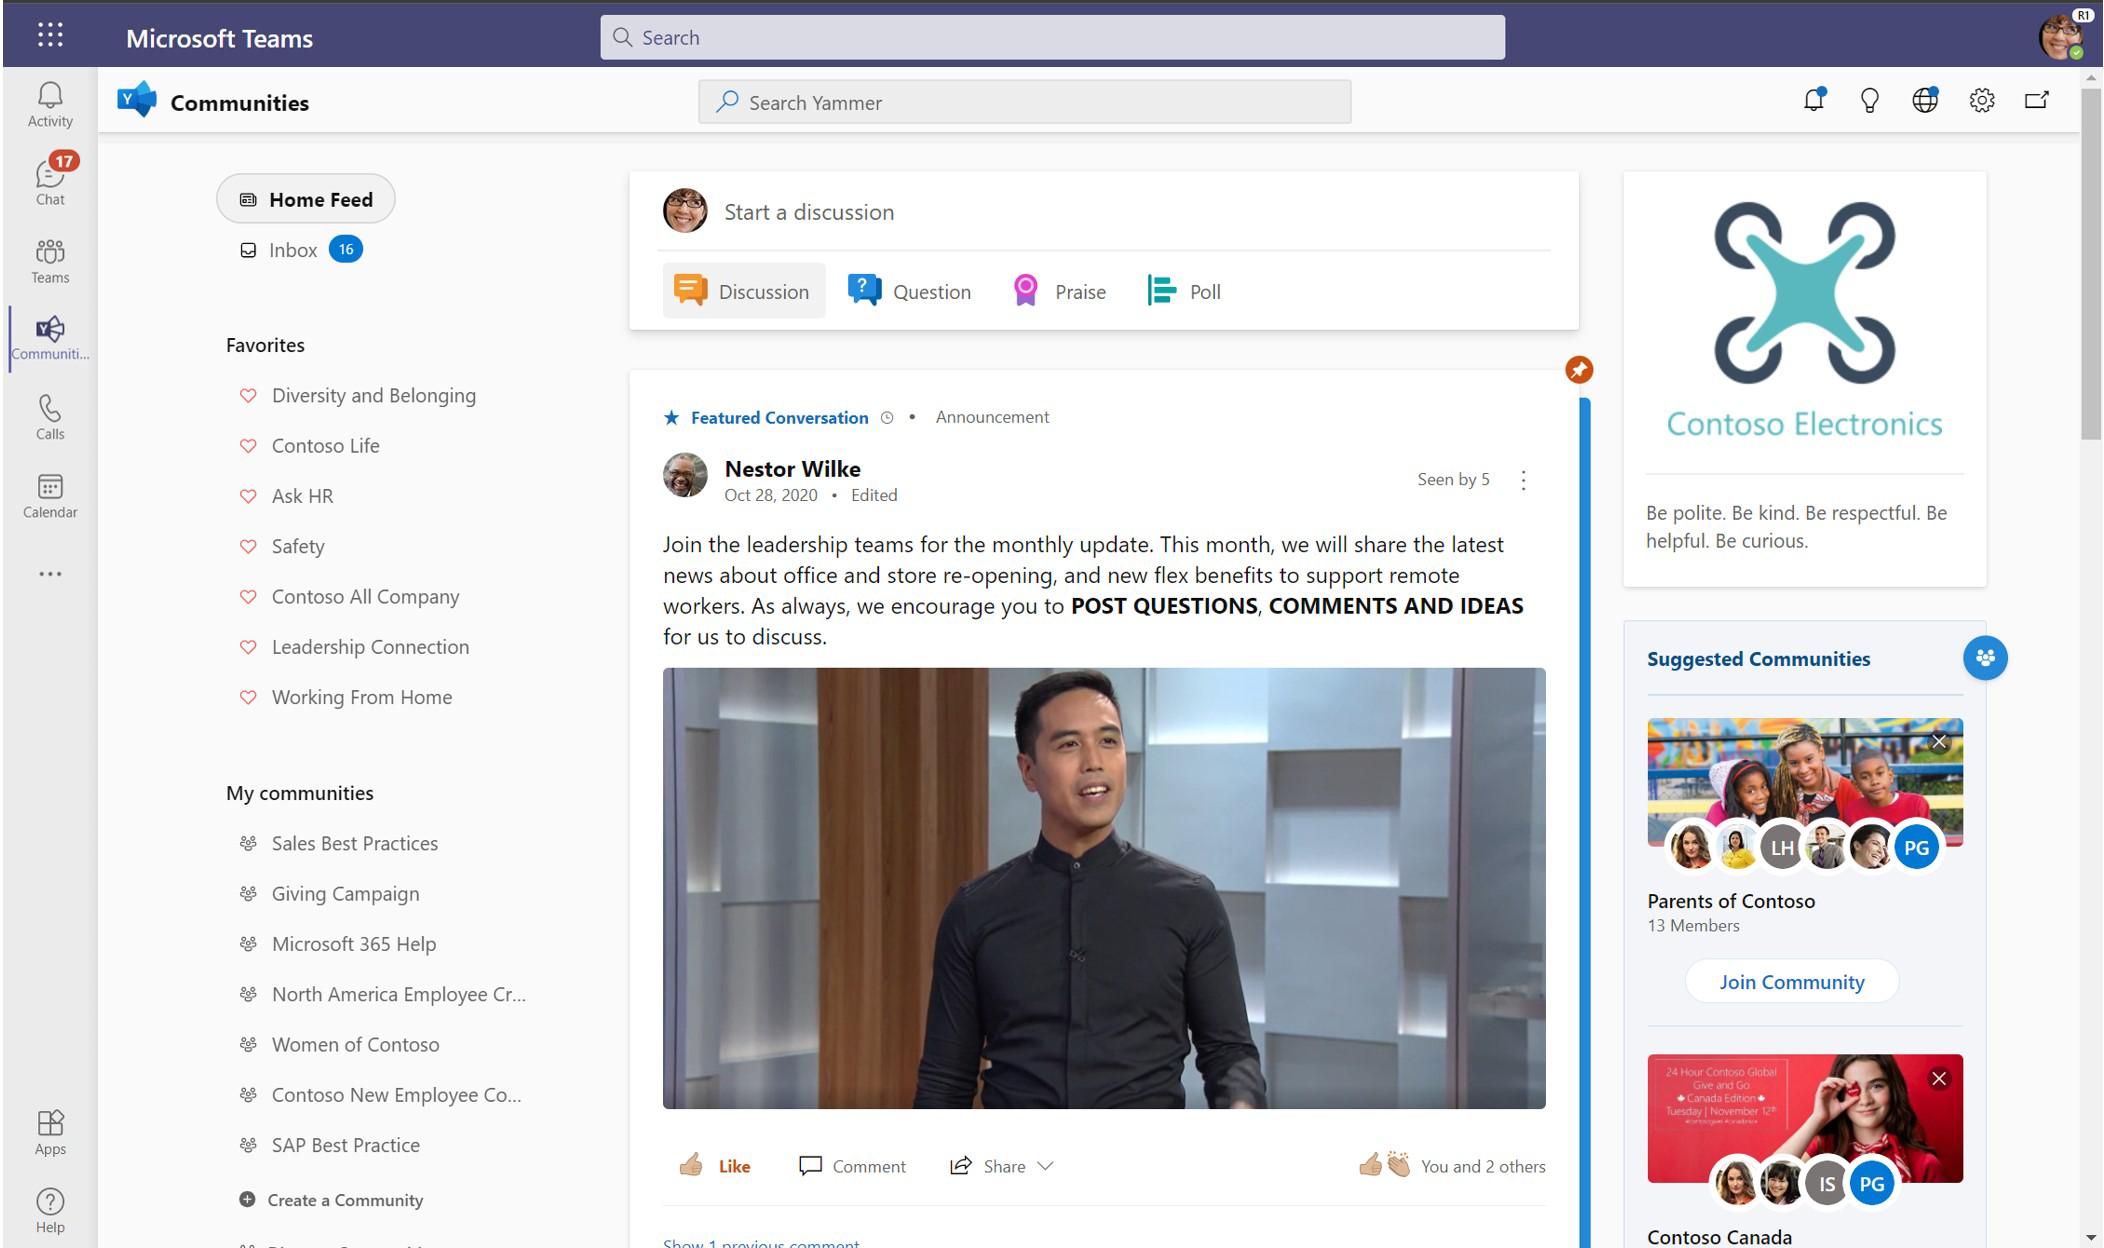 Captura de pantalla que muestra la vista completa de la aplicación Yammer Communities en Teams